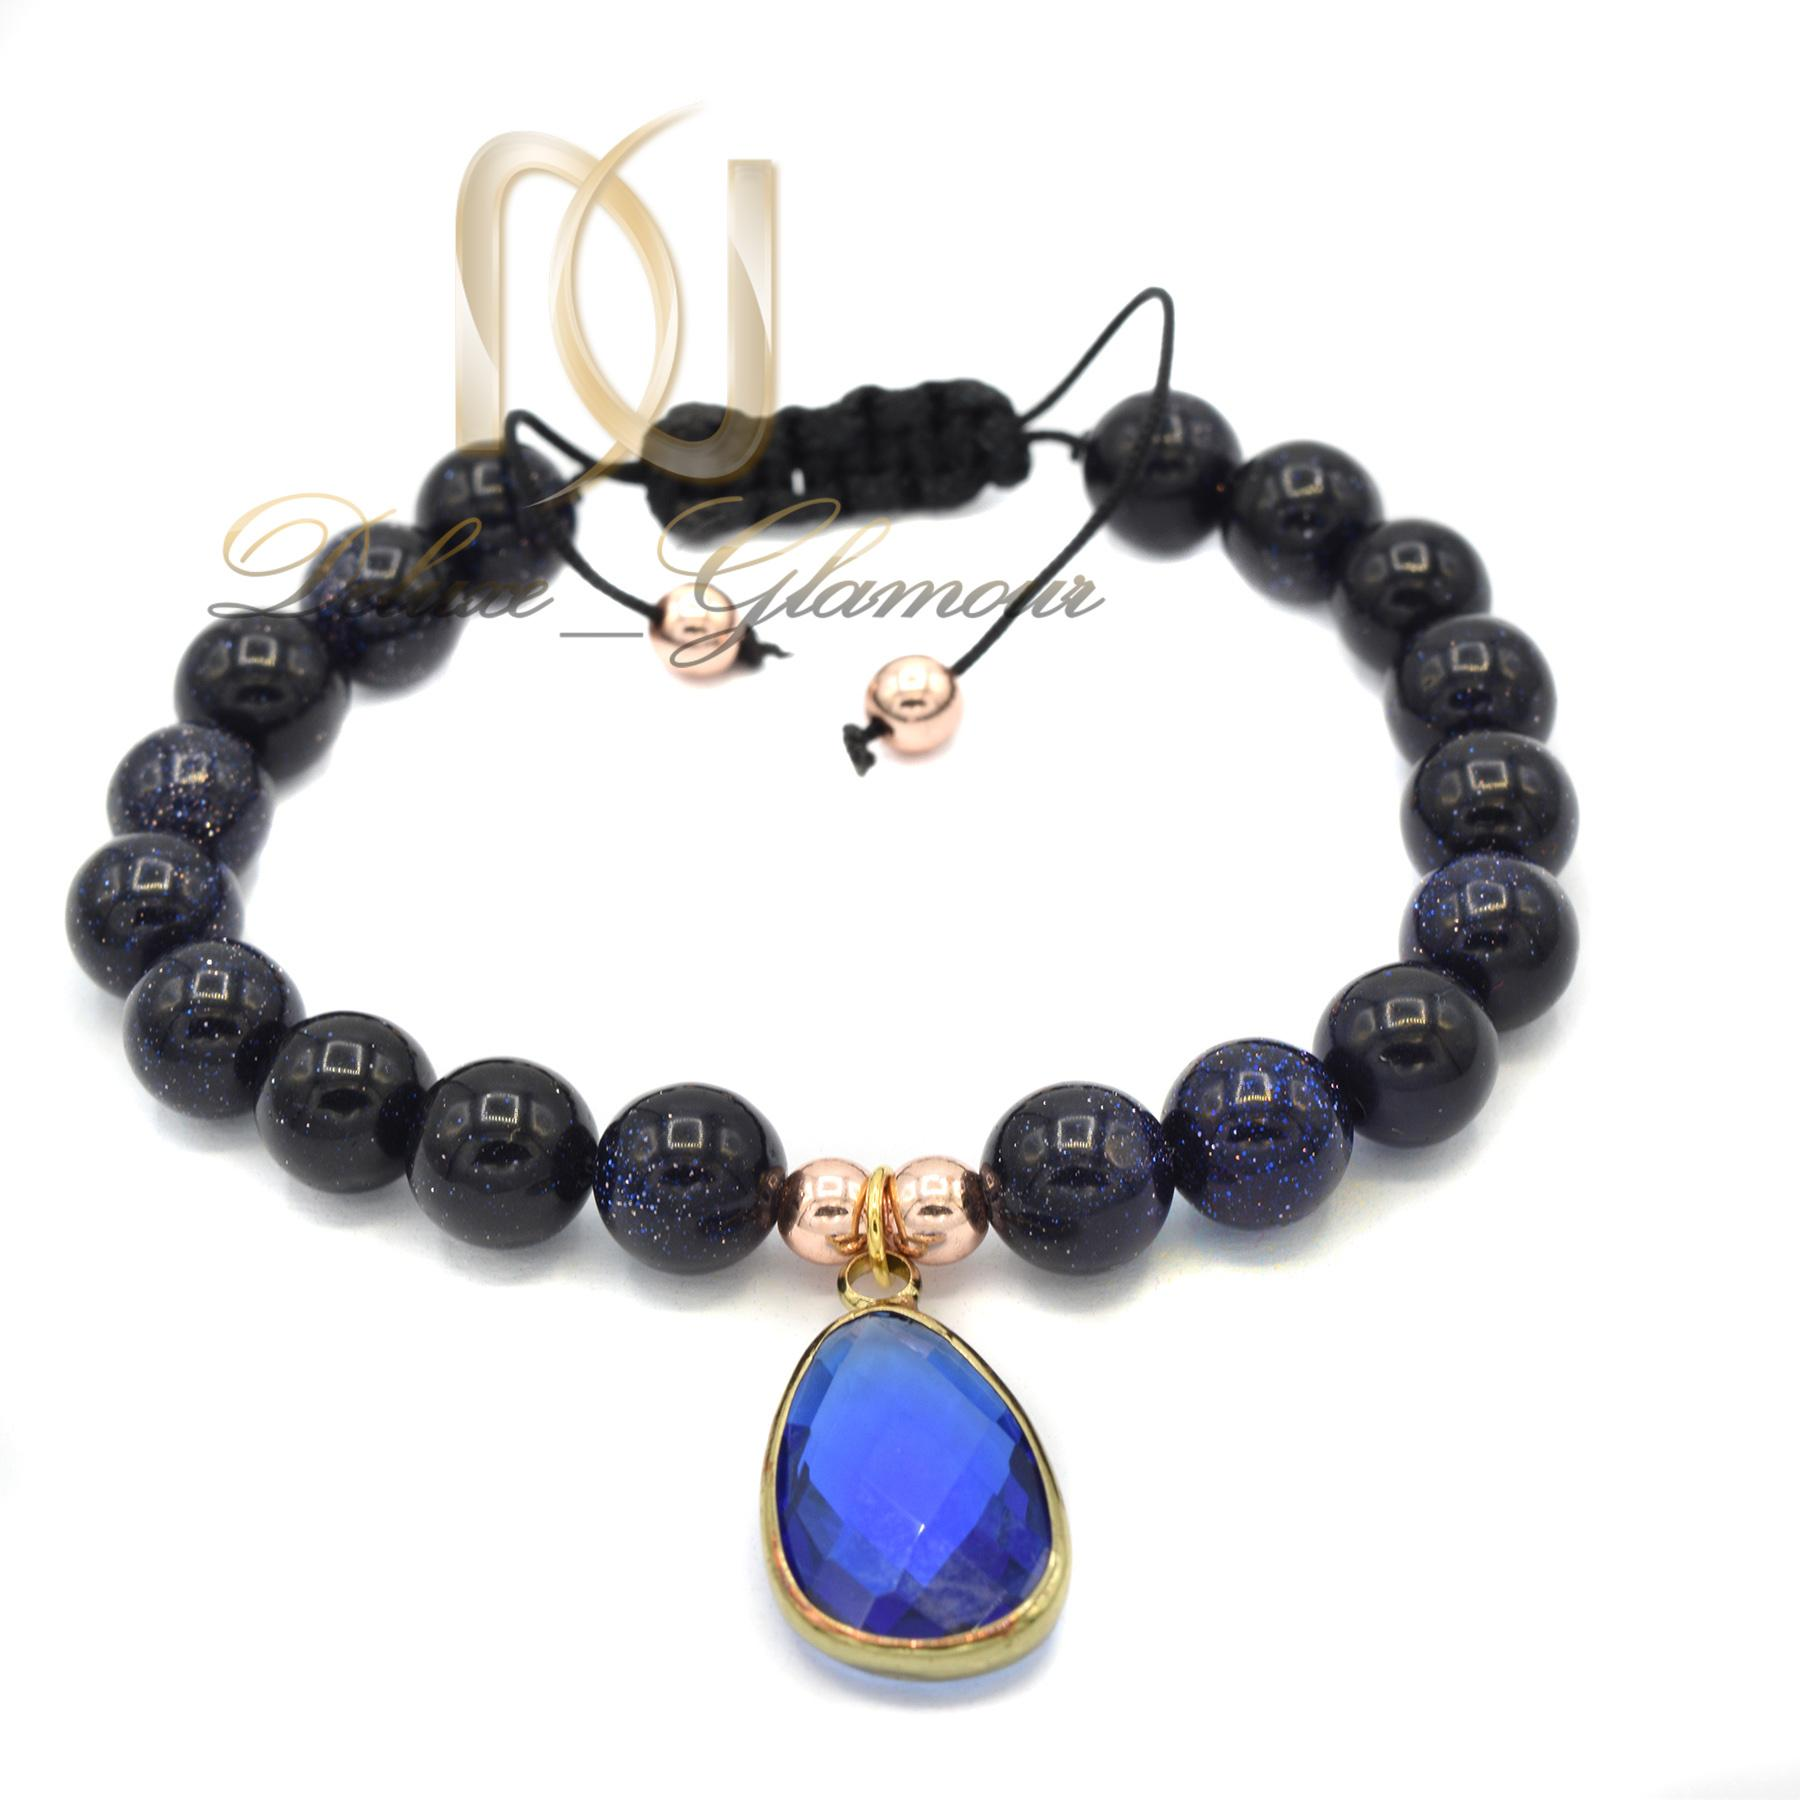 دستبند دخترانه اسپرت سنگ اونیکسza-n125 از نمای نزدیک